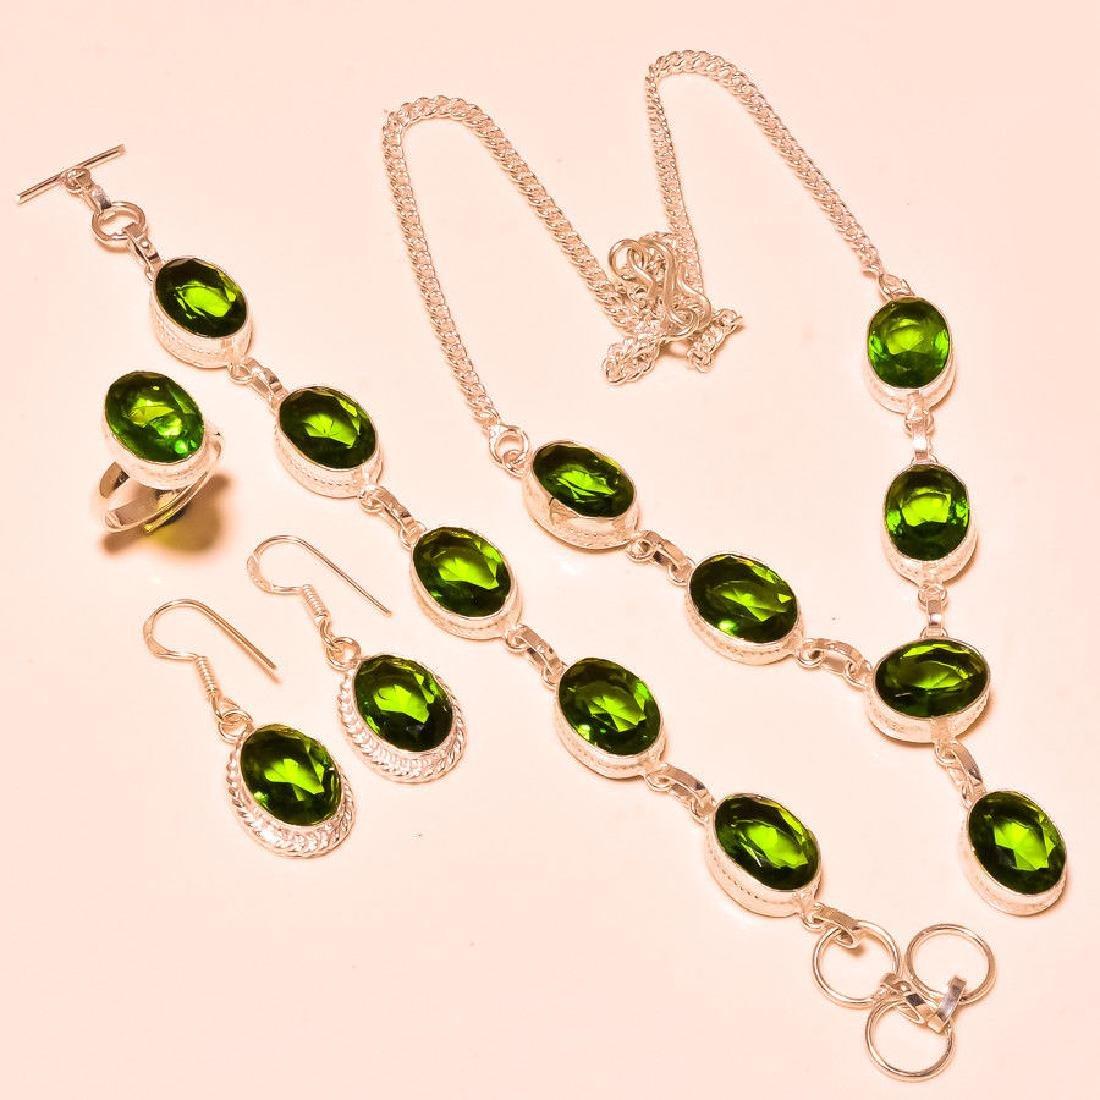 4 Piece Peridot Jewelry Set